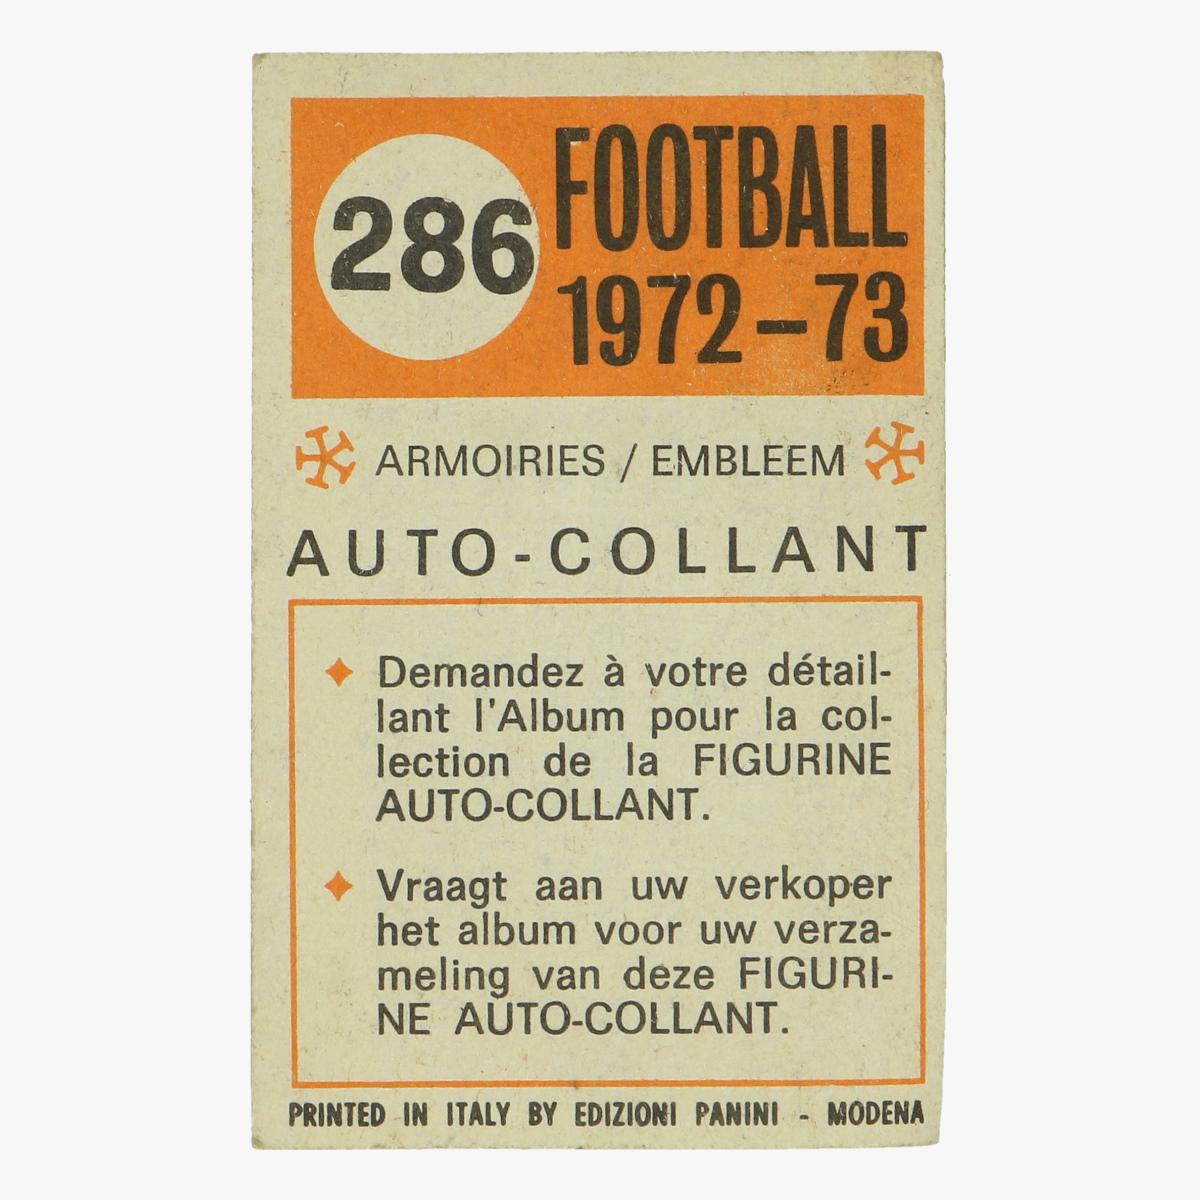 Afbeeldingen van ACM milan / italie football 1972/73 panini